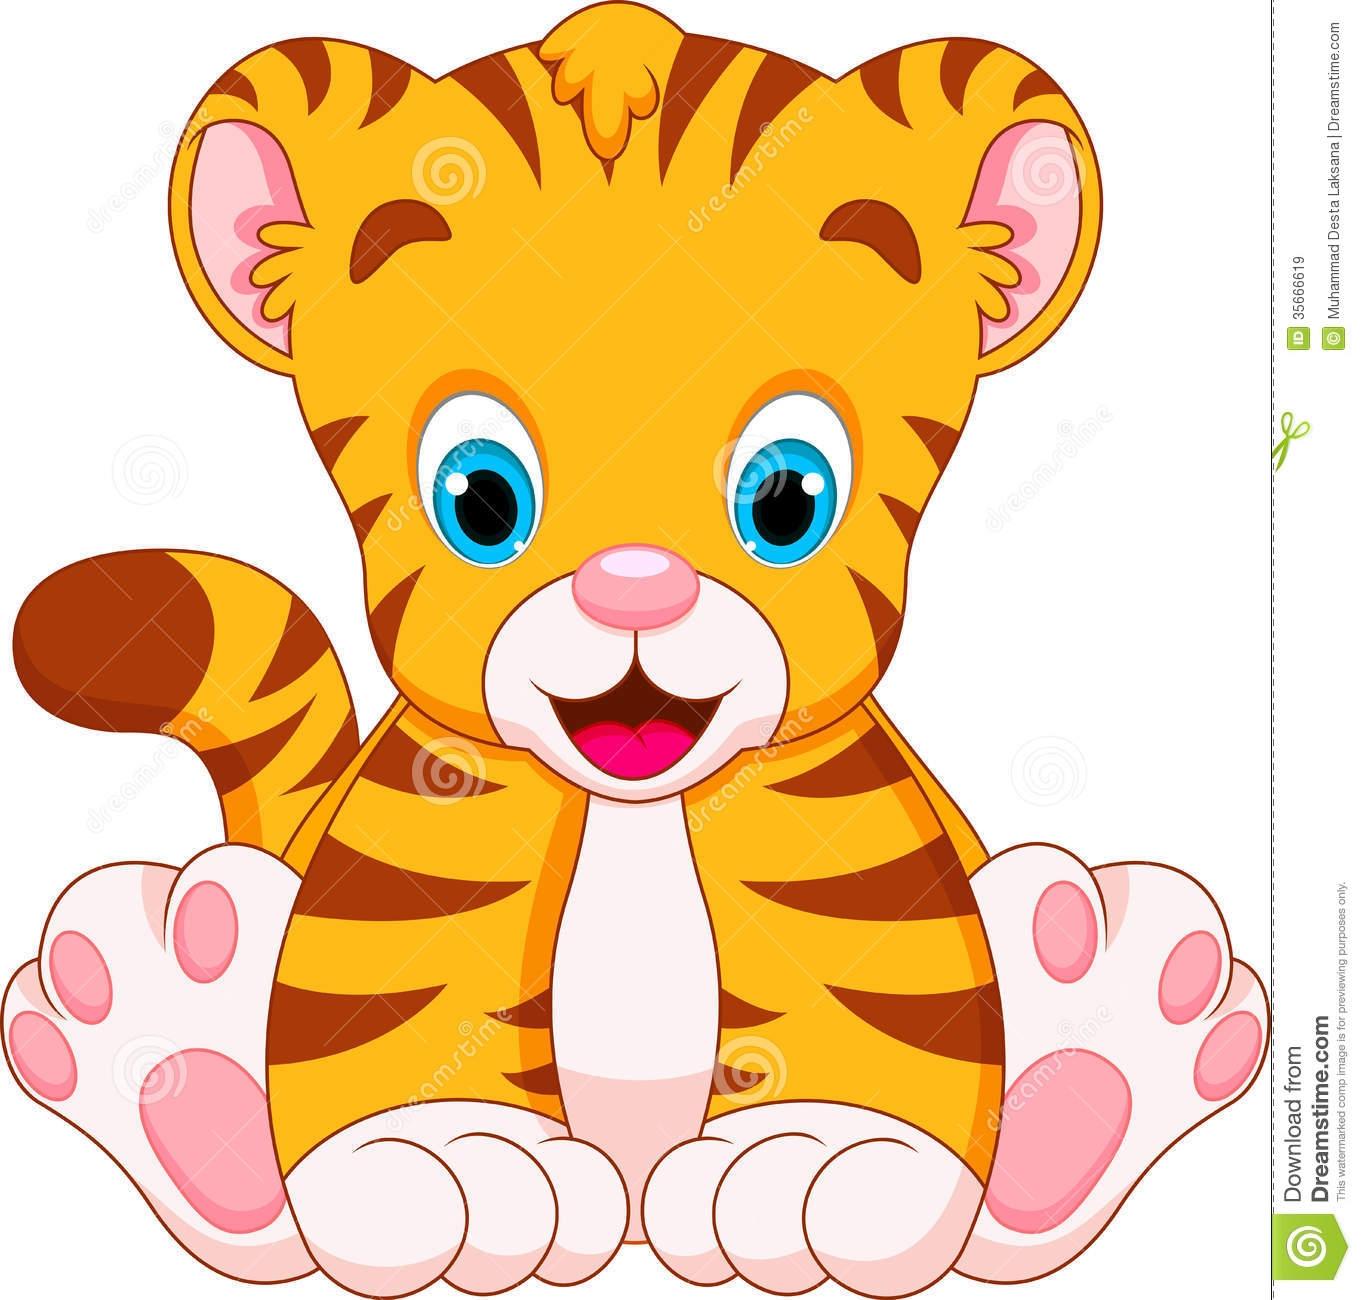 Tigres clipart adorable #6